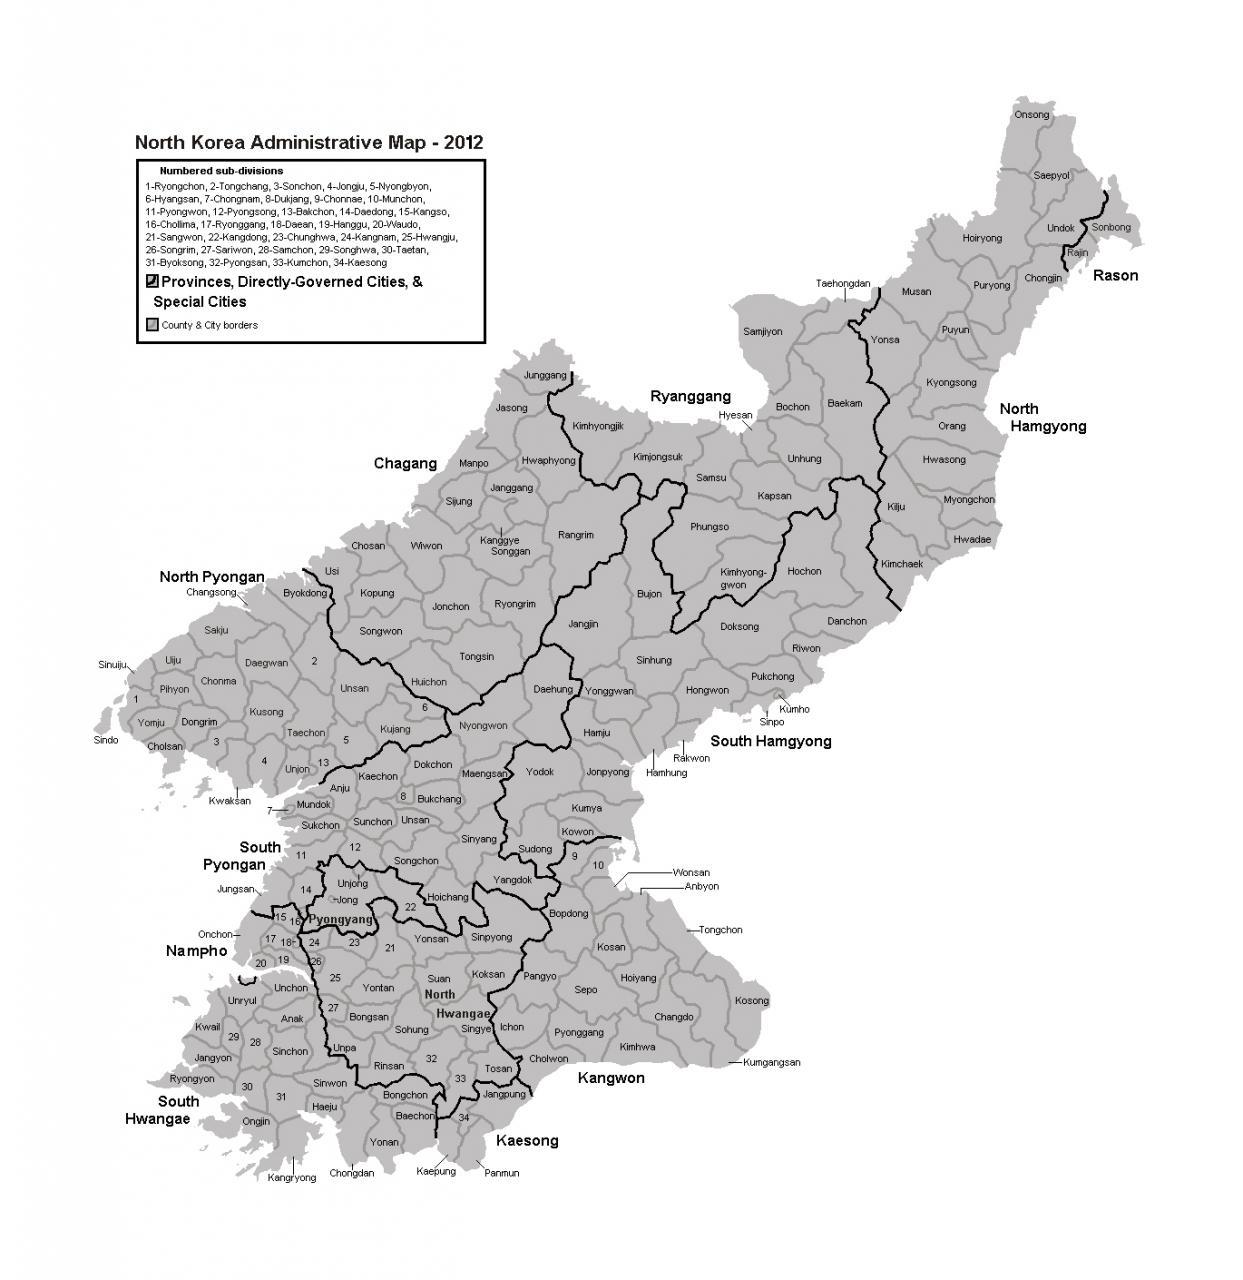 خريطة كوريا الشمالية الإدارية